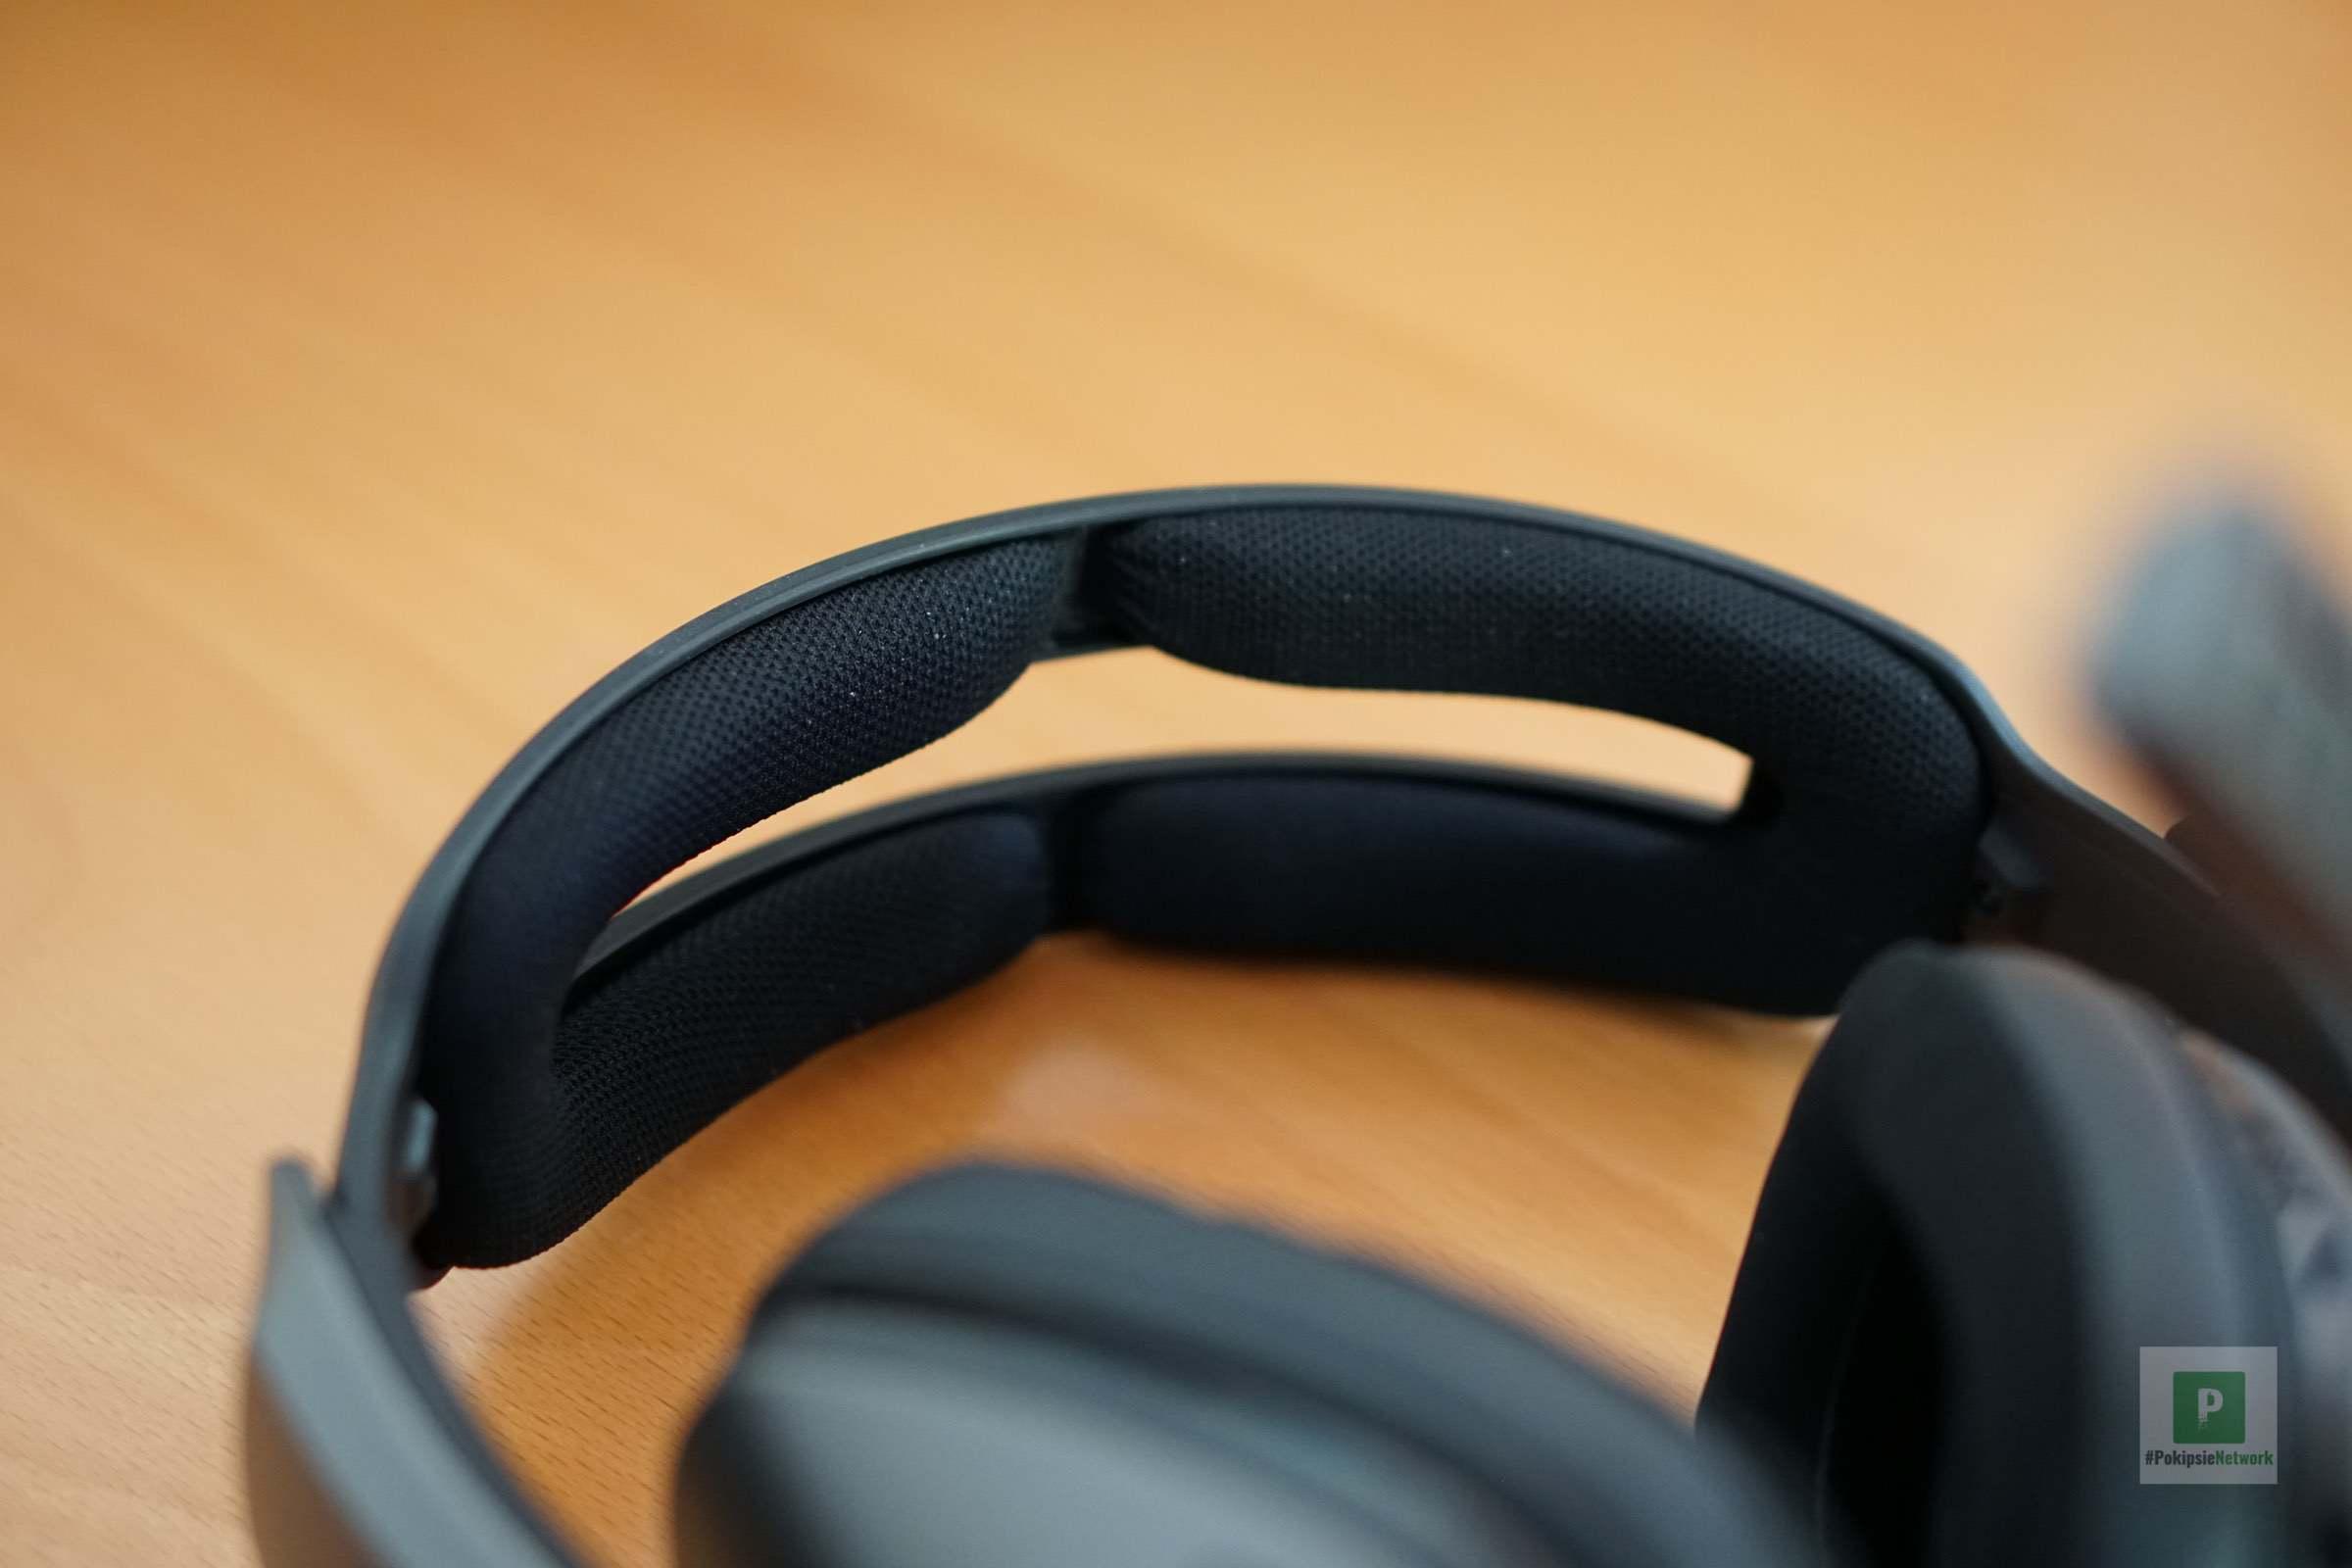 Der Kopfhörerbügel